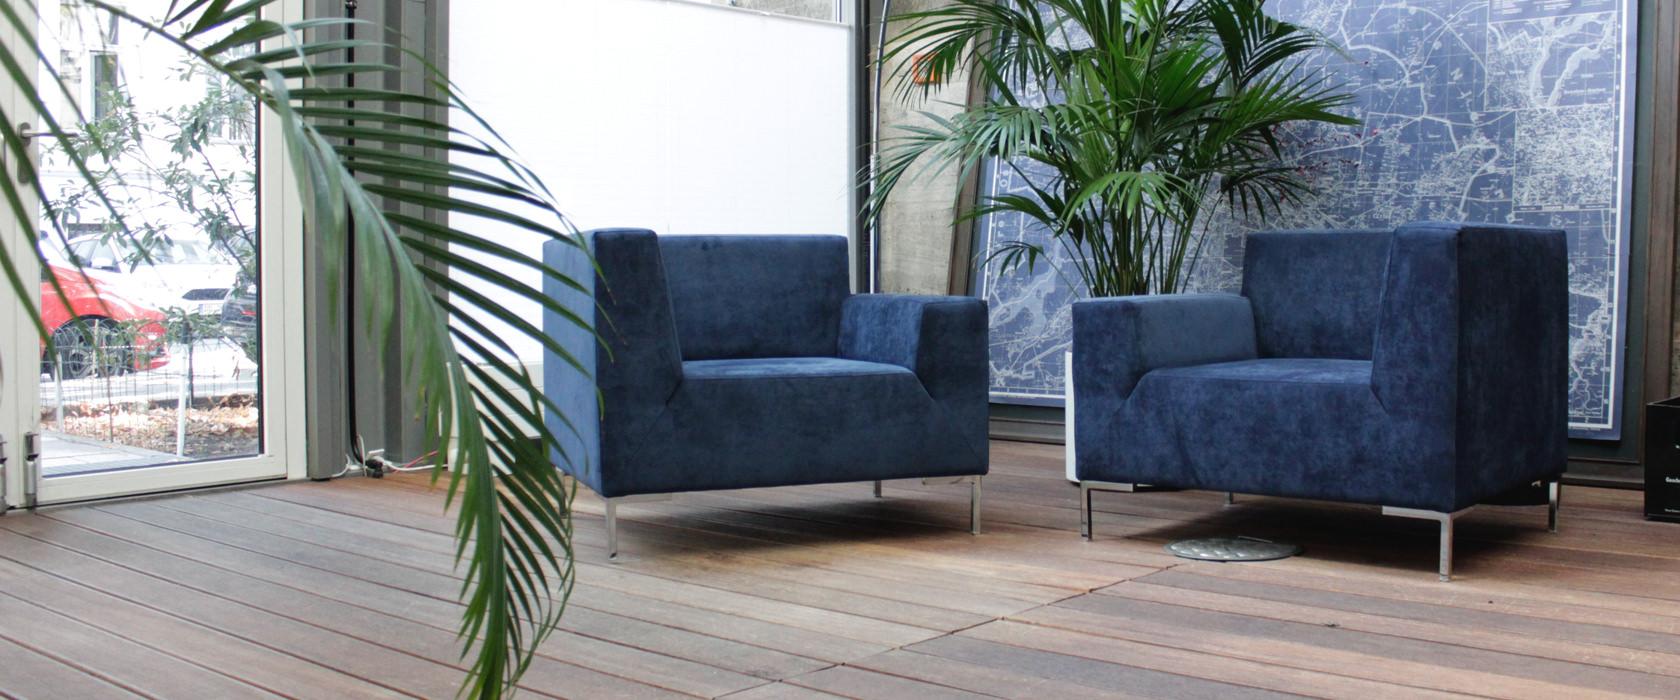 Кресло Livorno Uno - Фото 1 - Pufetto